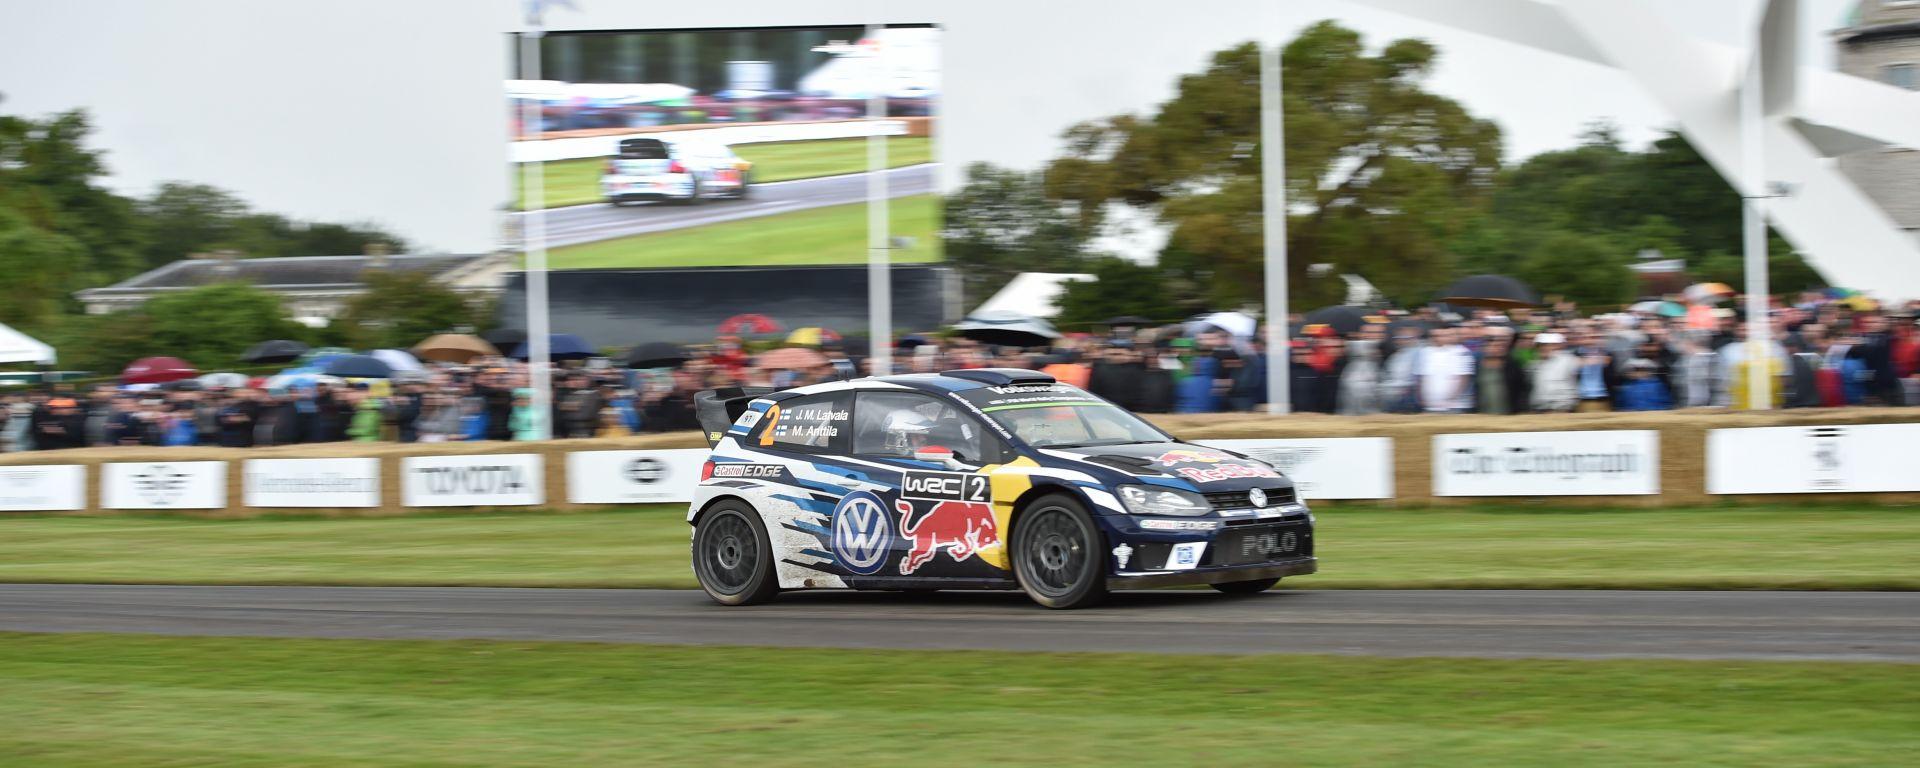 Polo R WRC at Goodwood Festival 2016